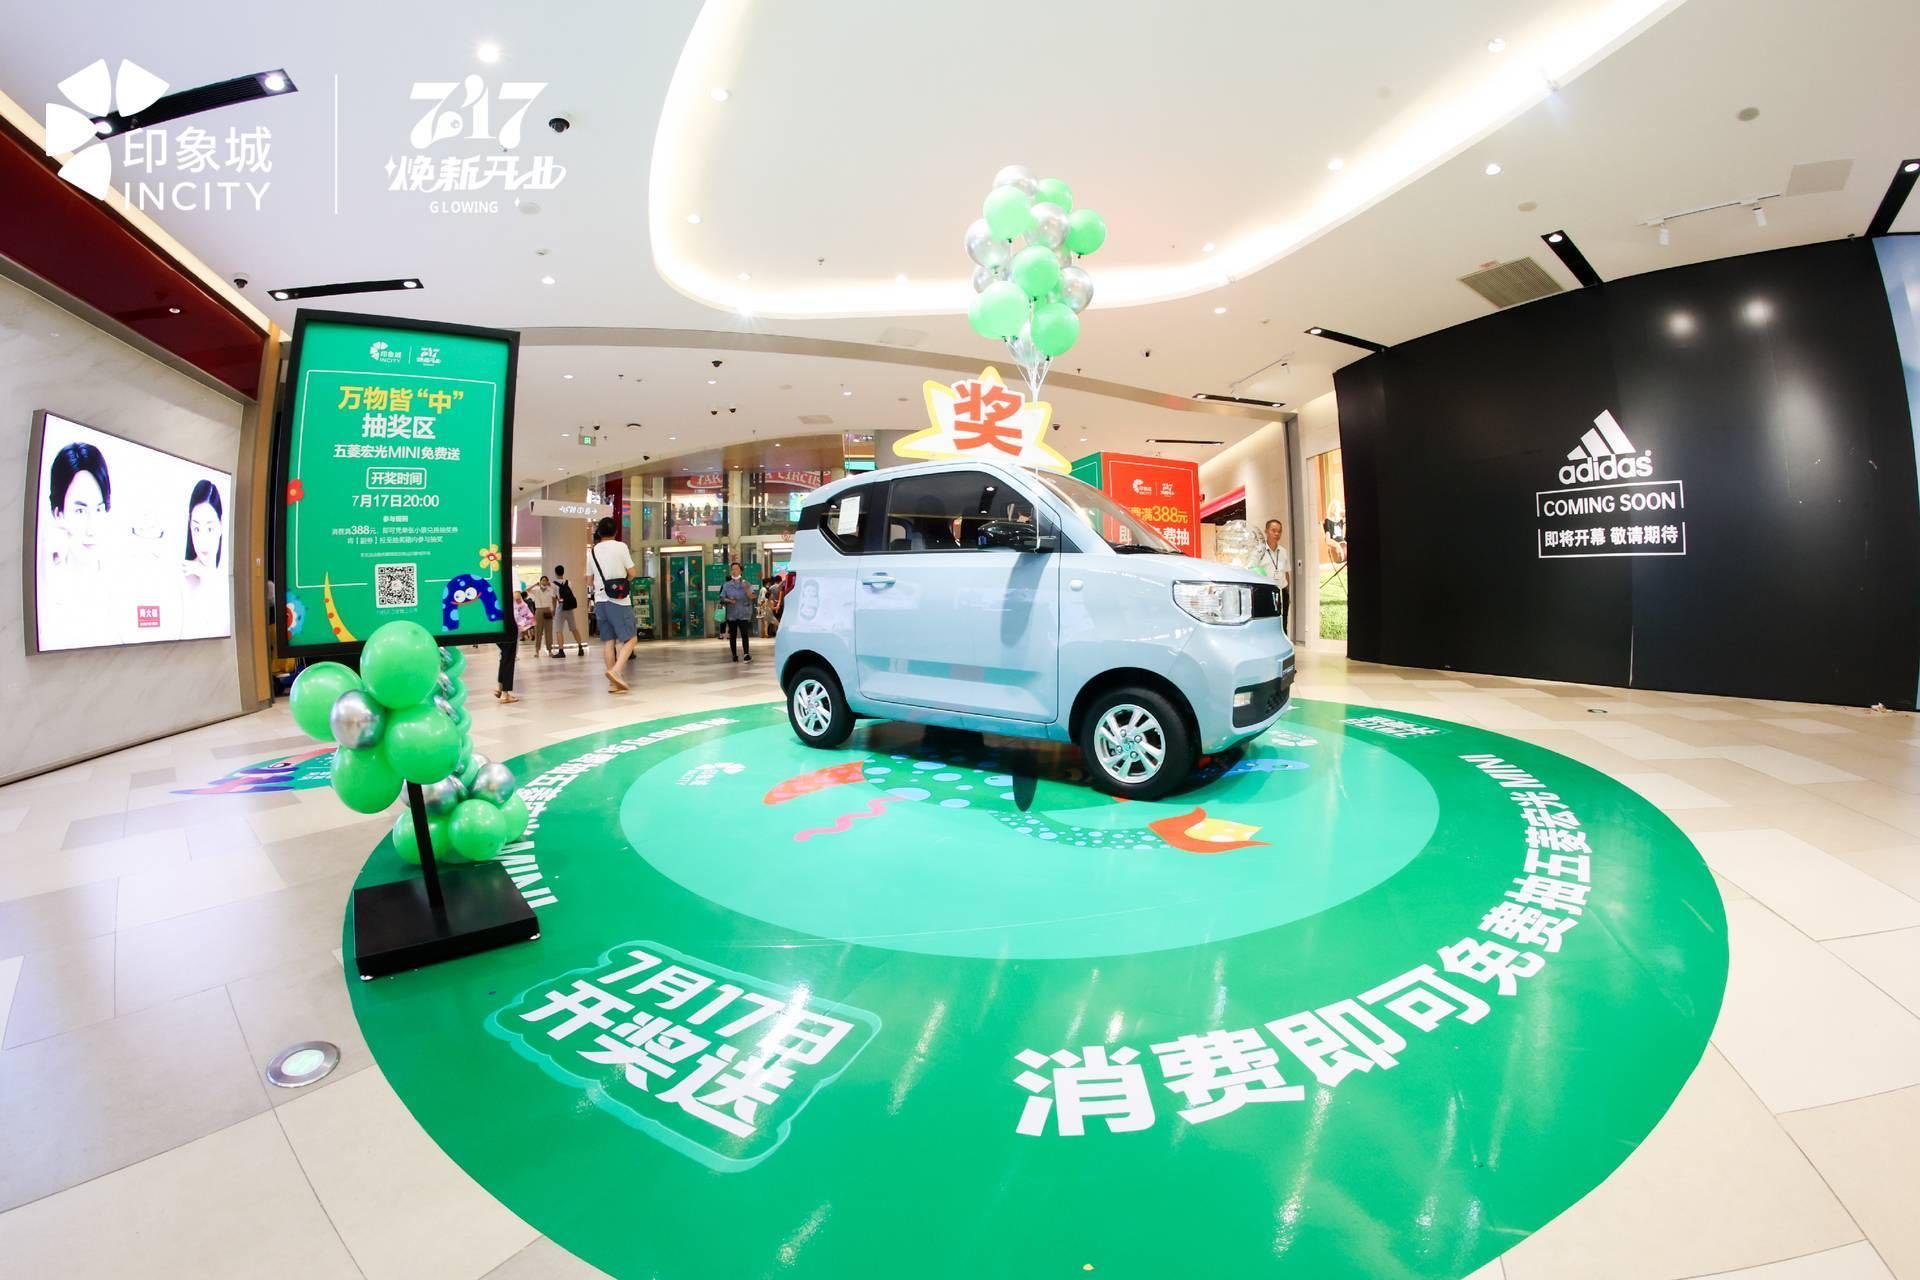 武汉印象城7月17日焕新开街,41个新晋品牌齐亮相引数十万人到场